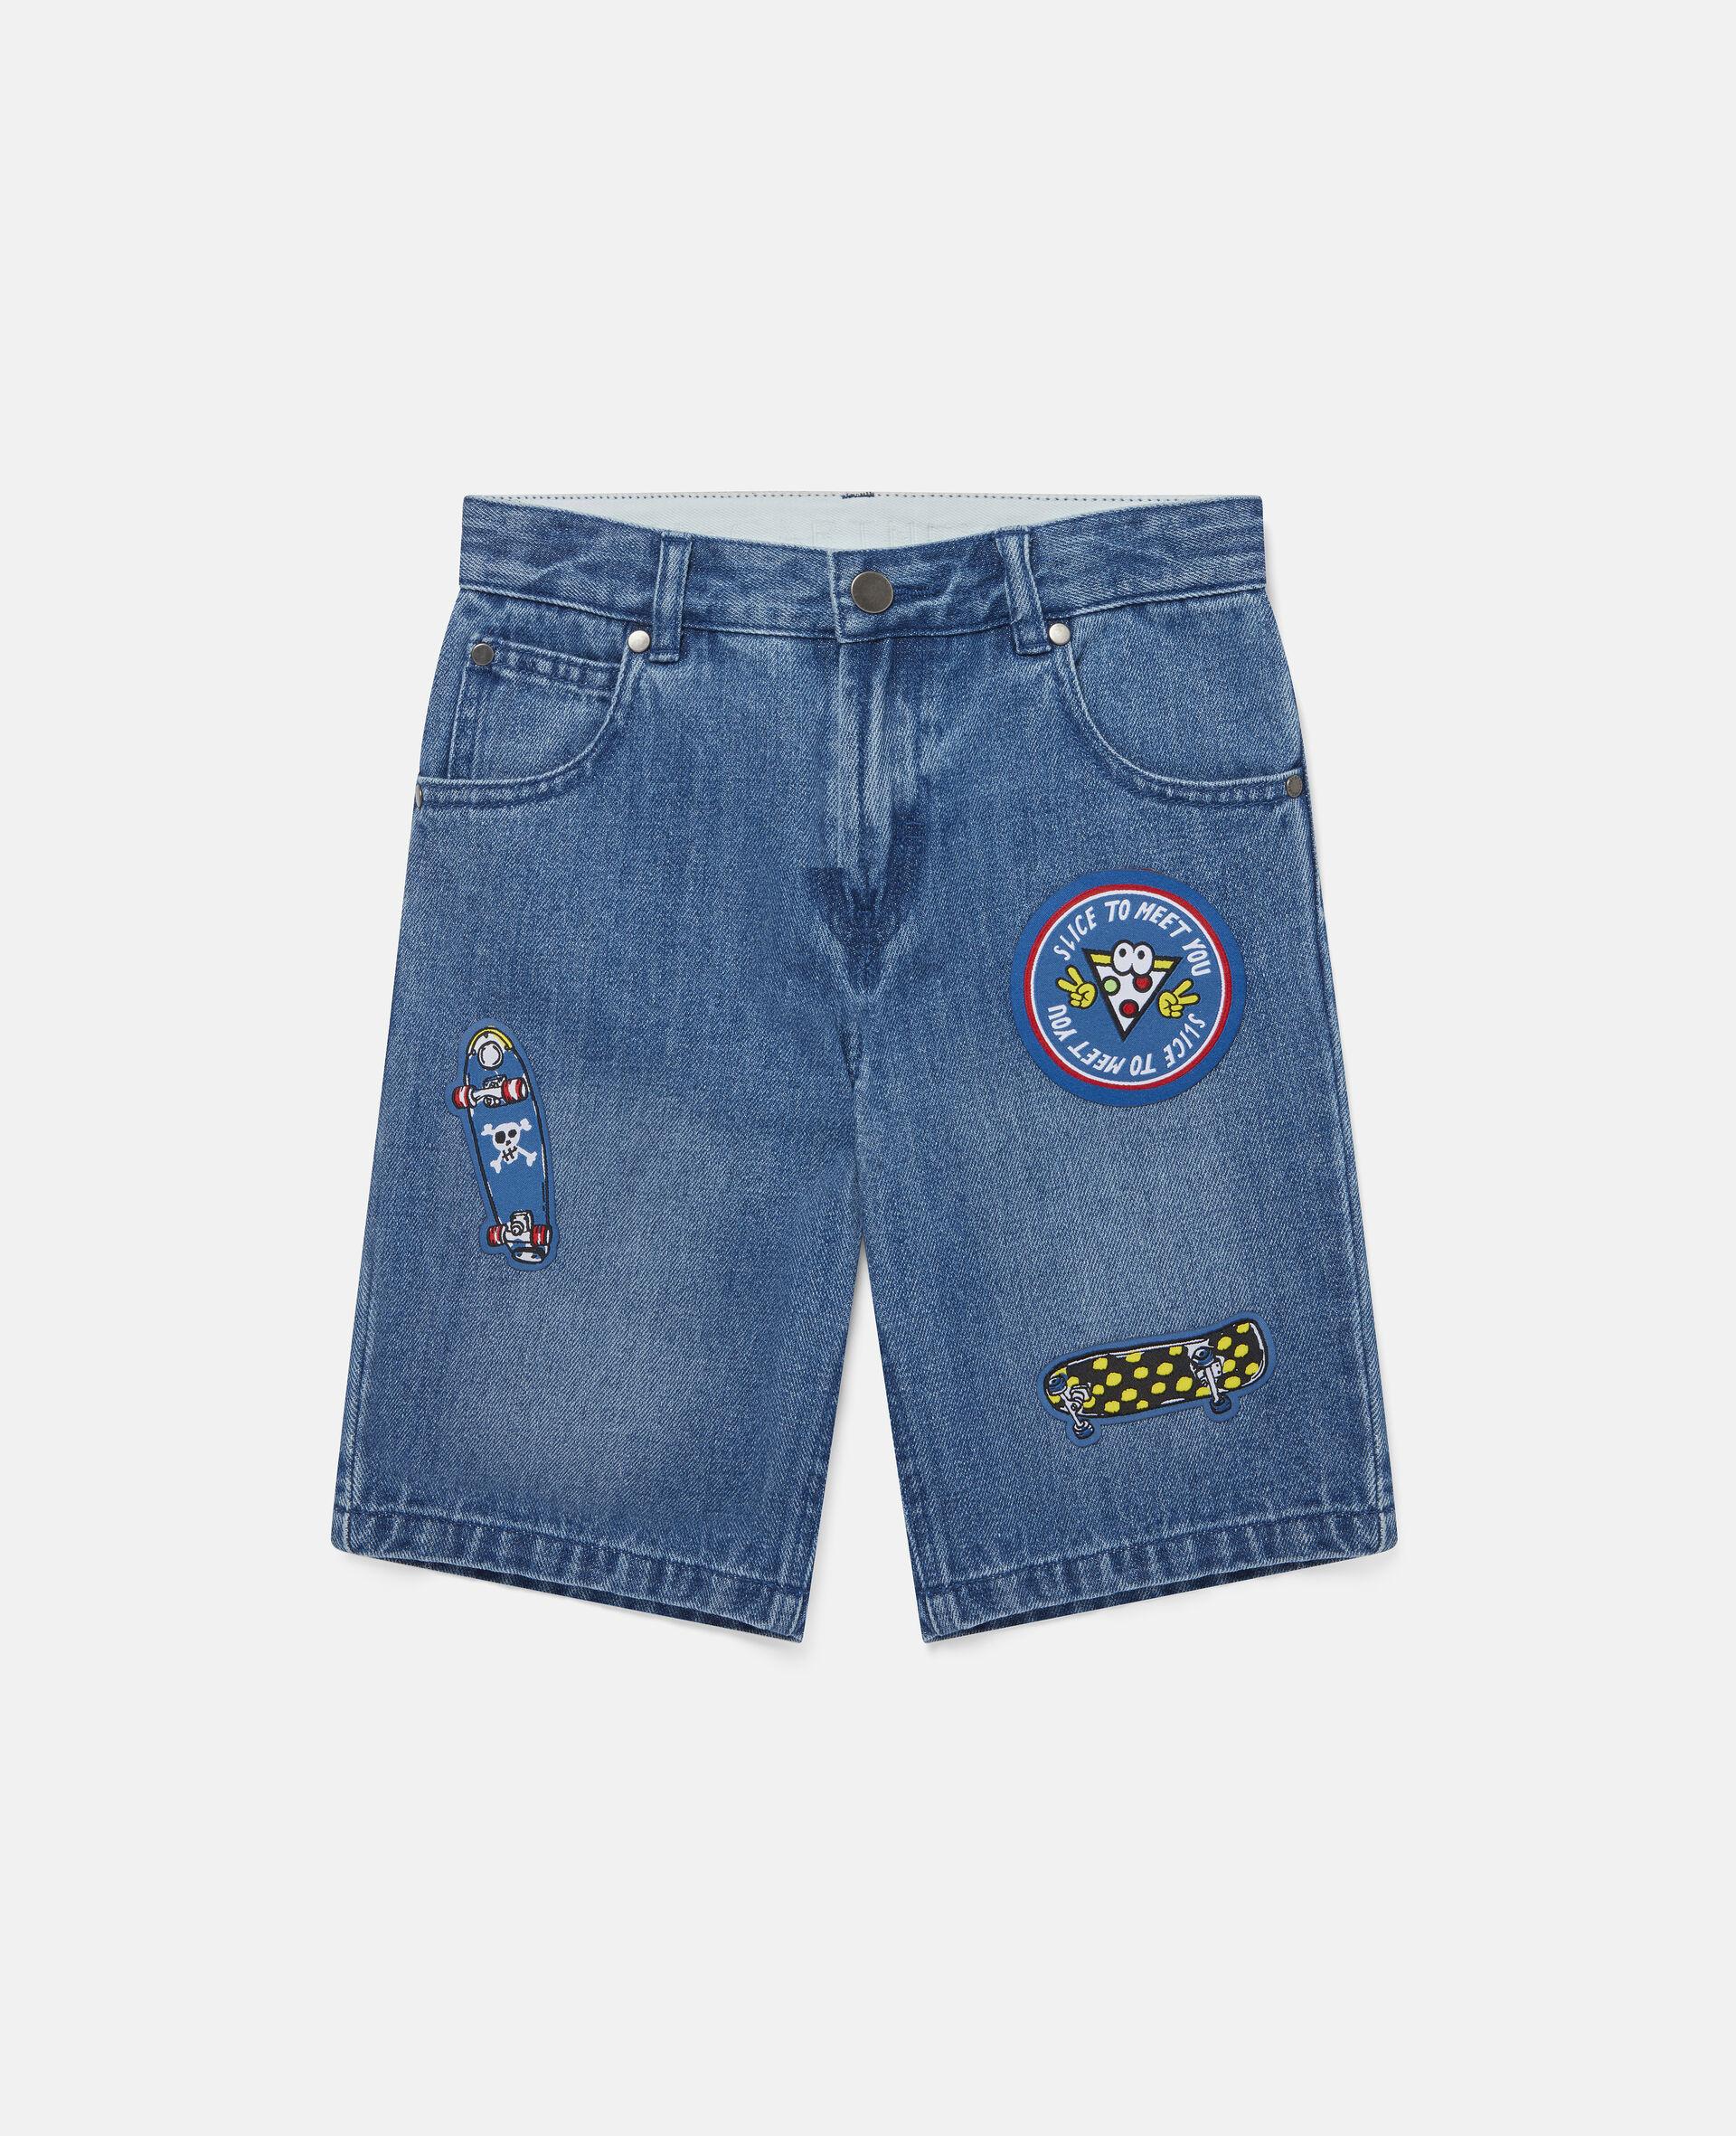 Skates Badges Denim Shorts-Blue-large image number 0